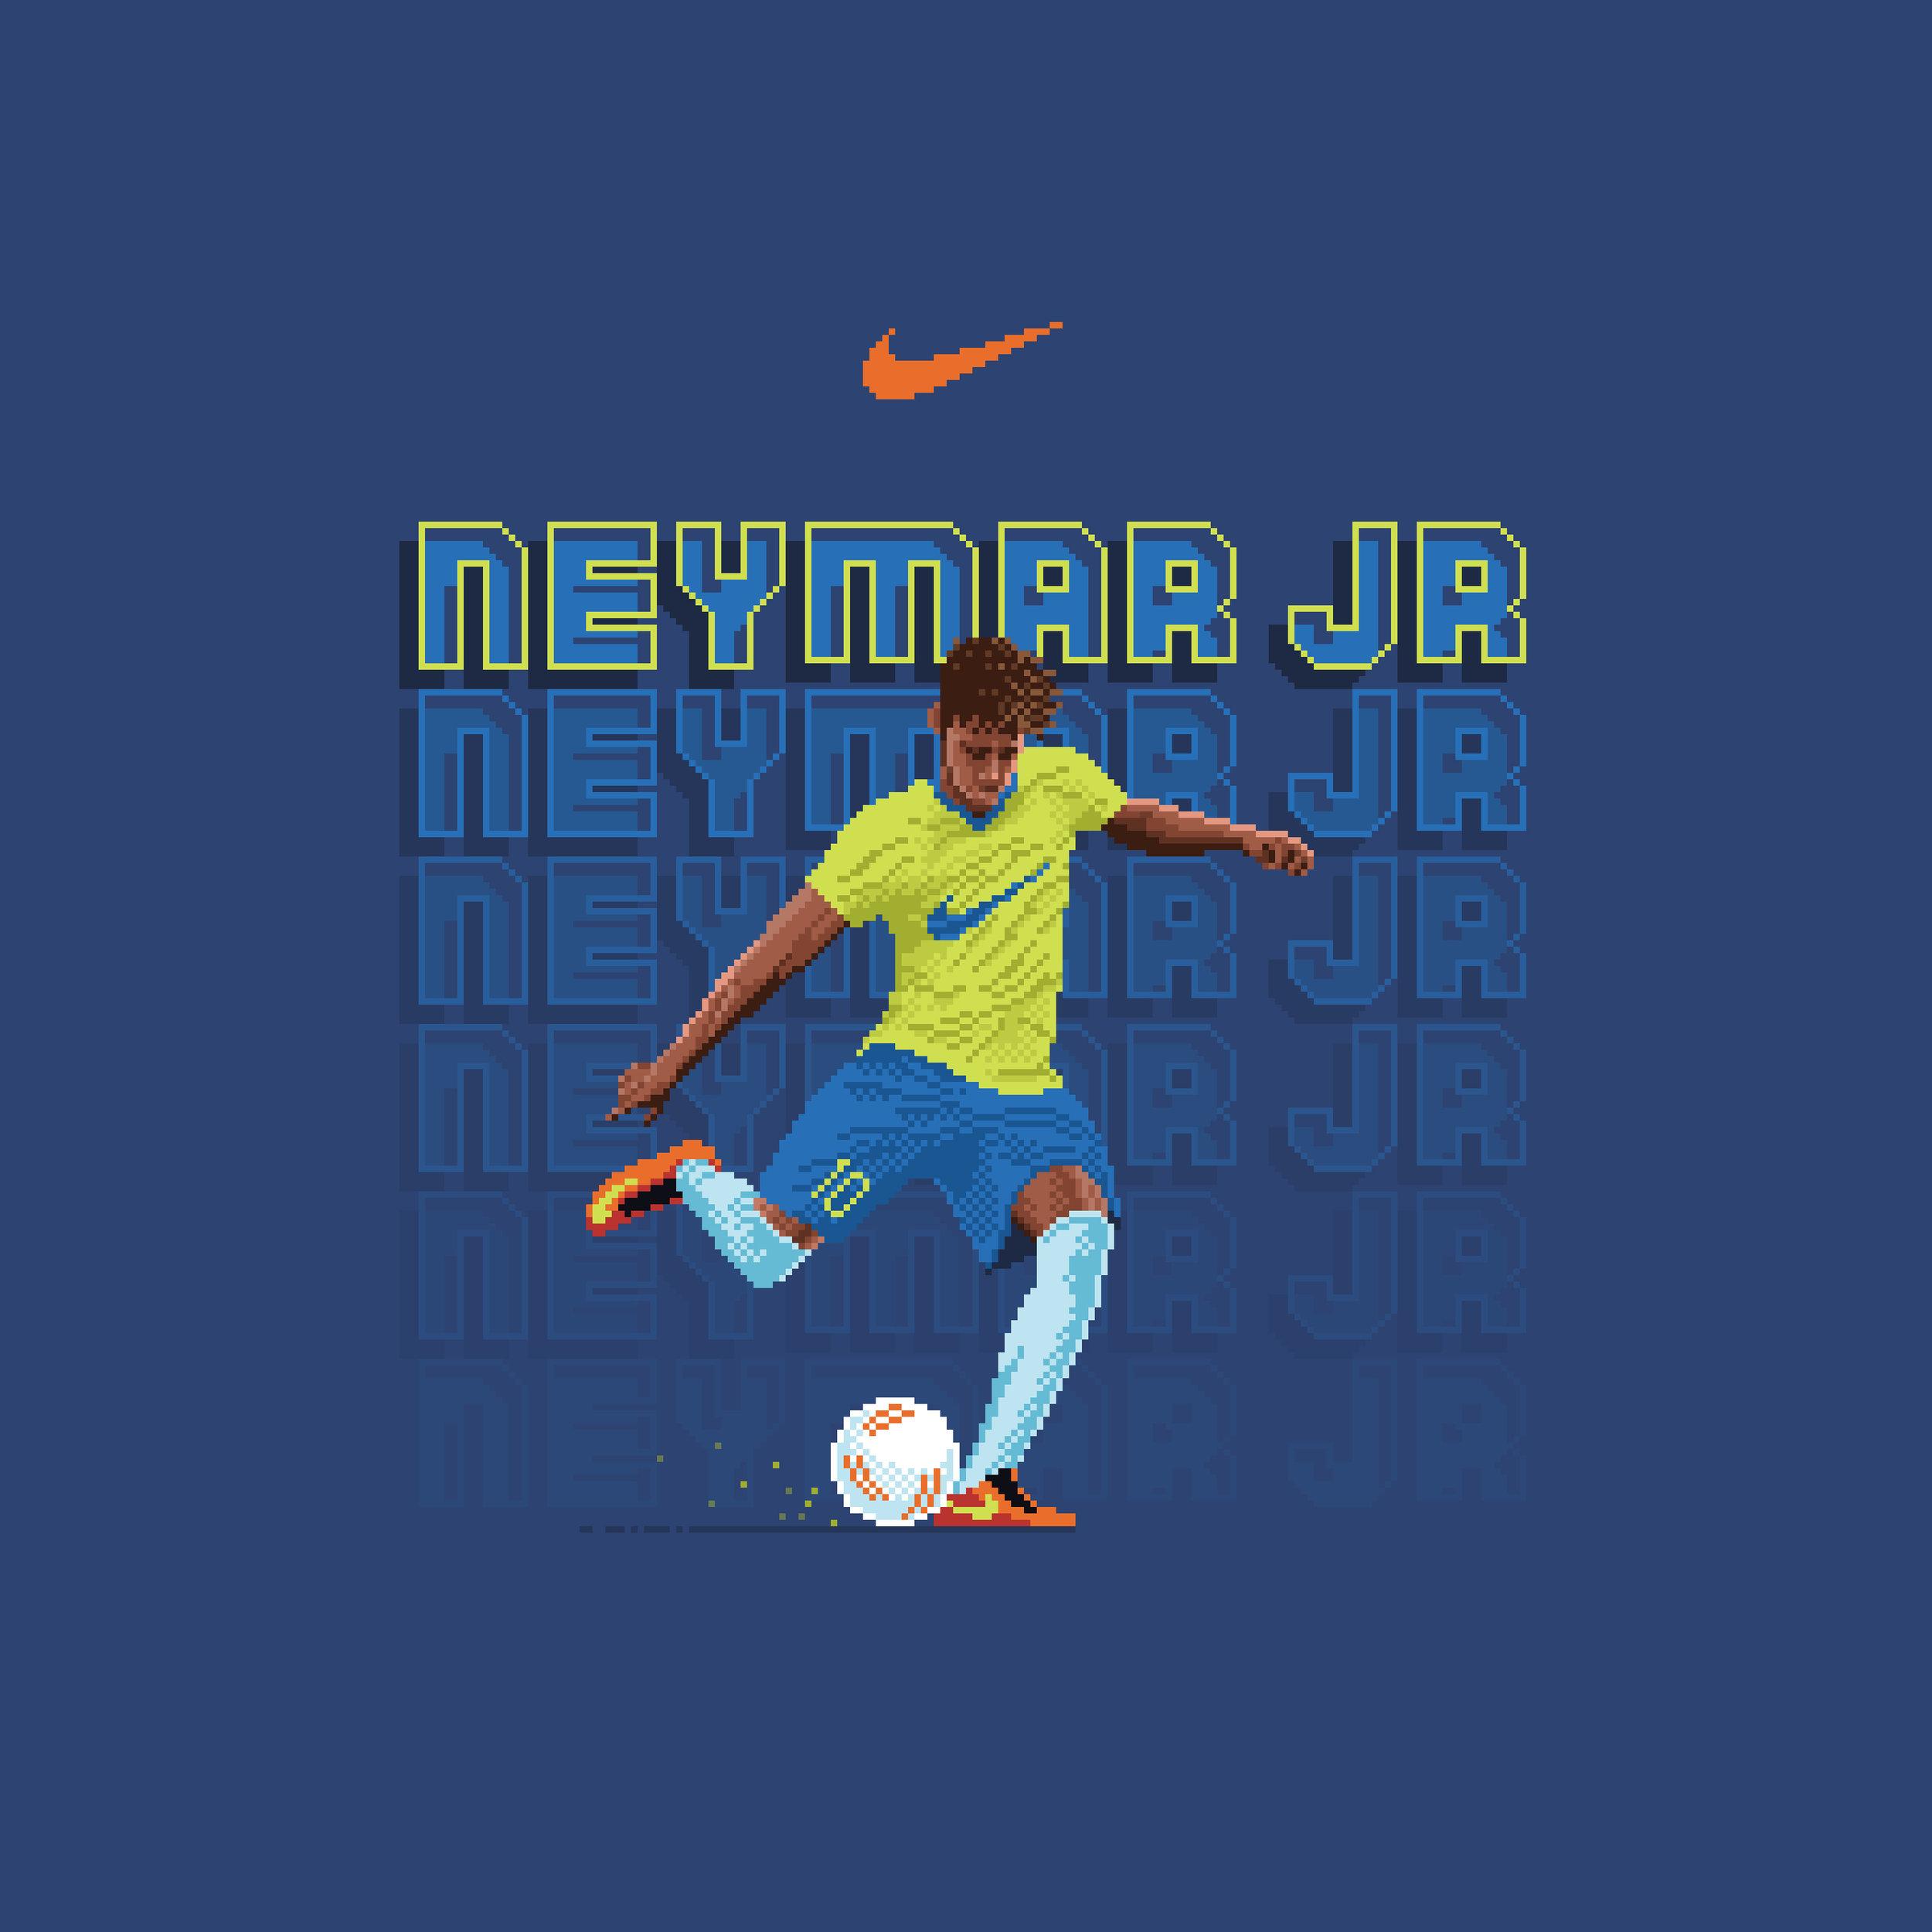 Neymar Jr. t-shirt design for Nike (2018)